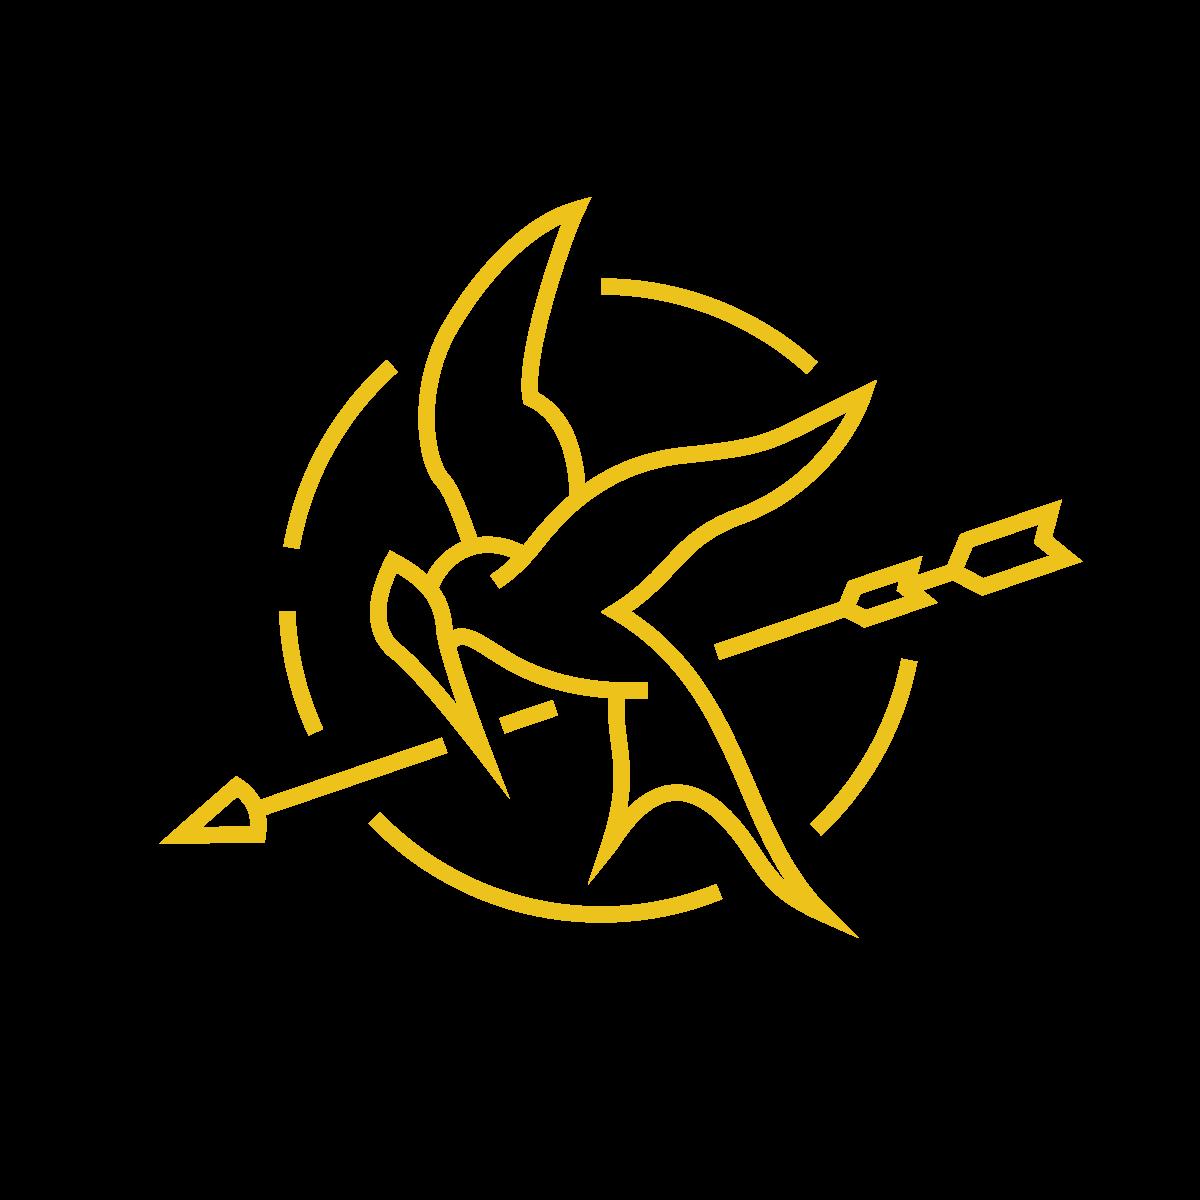 hunger games symbol.